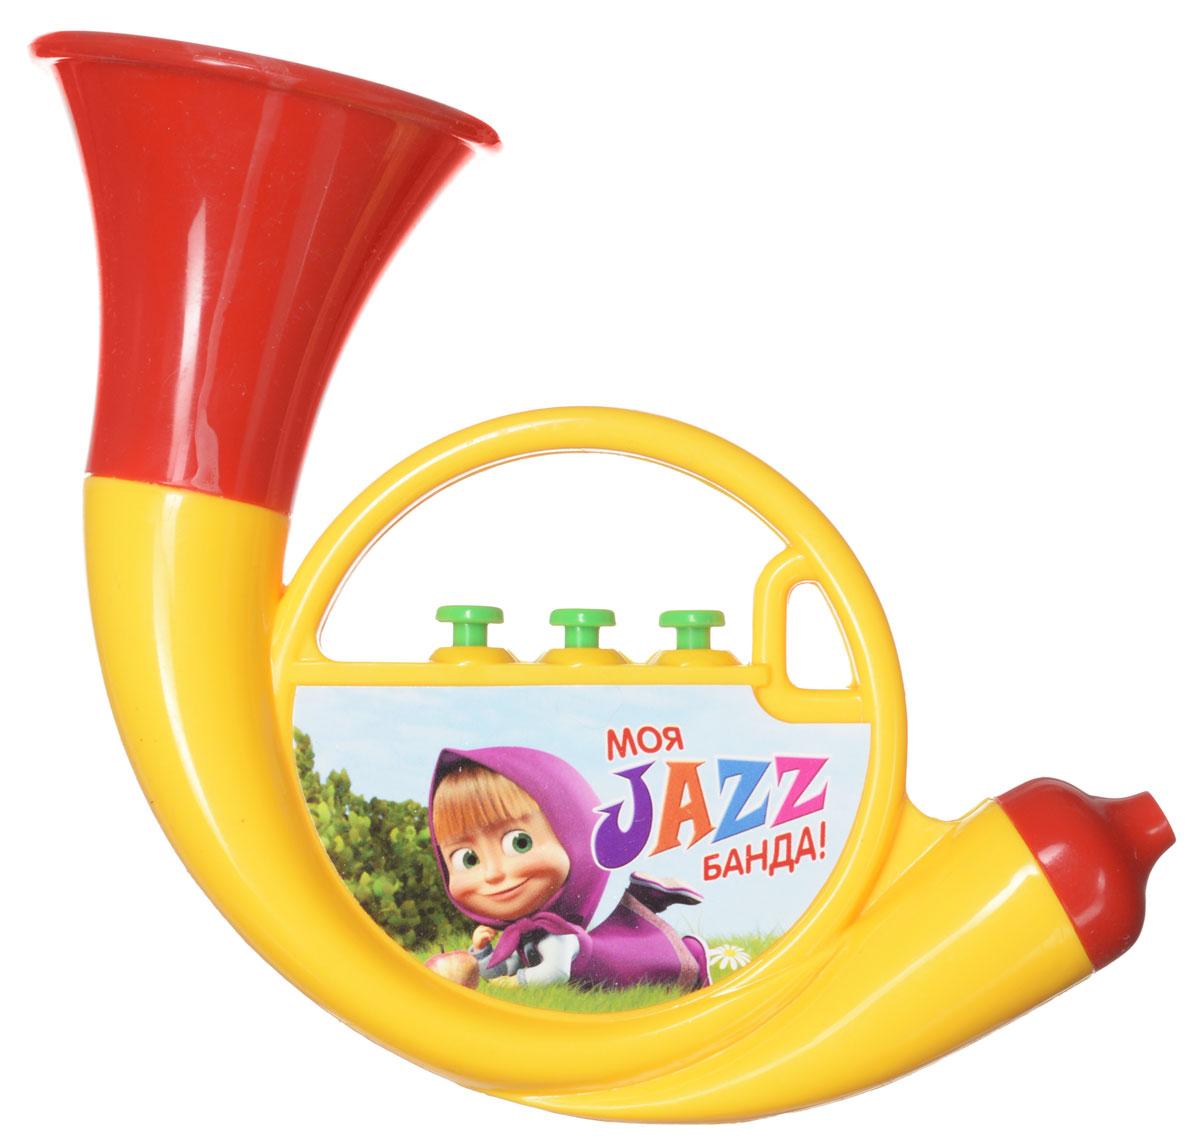 Маша и Медведь Музыкальная игрушка Труба цвет желтыйGT5846Музыкальная игрушка Маша и Медведь Труба непременно порадует вашего малыша веселыми звуками. Эта яркая пластиковая игрушка способствует развитию восприятия звука, мелкой моторики, цветовосприятия. Уже с малых лет у детей может начать проявляться интерес к музыке, но настоящие инструменты малышу давать рано, поэтому лучшим решением в этой ситуации послужат детские музыкальные инструменты. Дуем в трубочку, нажимаем на 3 кнопочки, и пытаемся наиграть какую-нибудь мелодию.